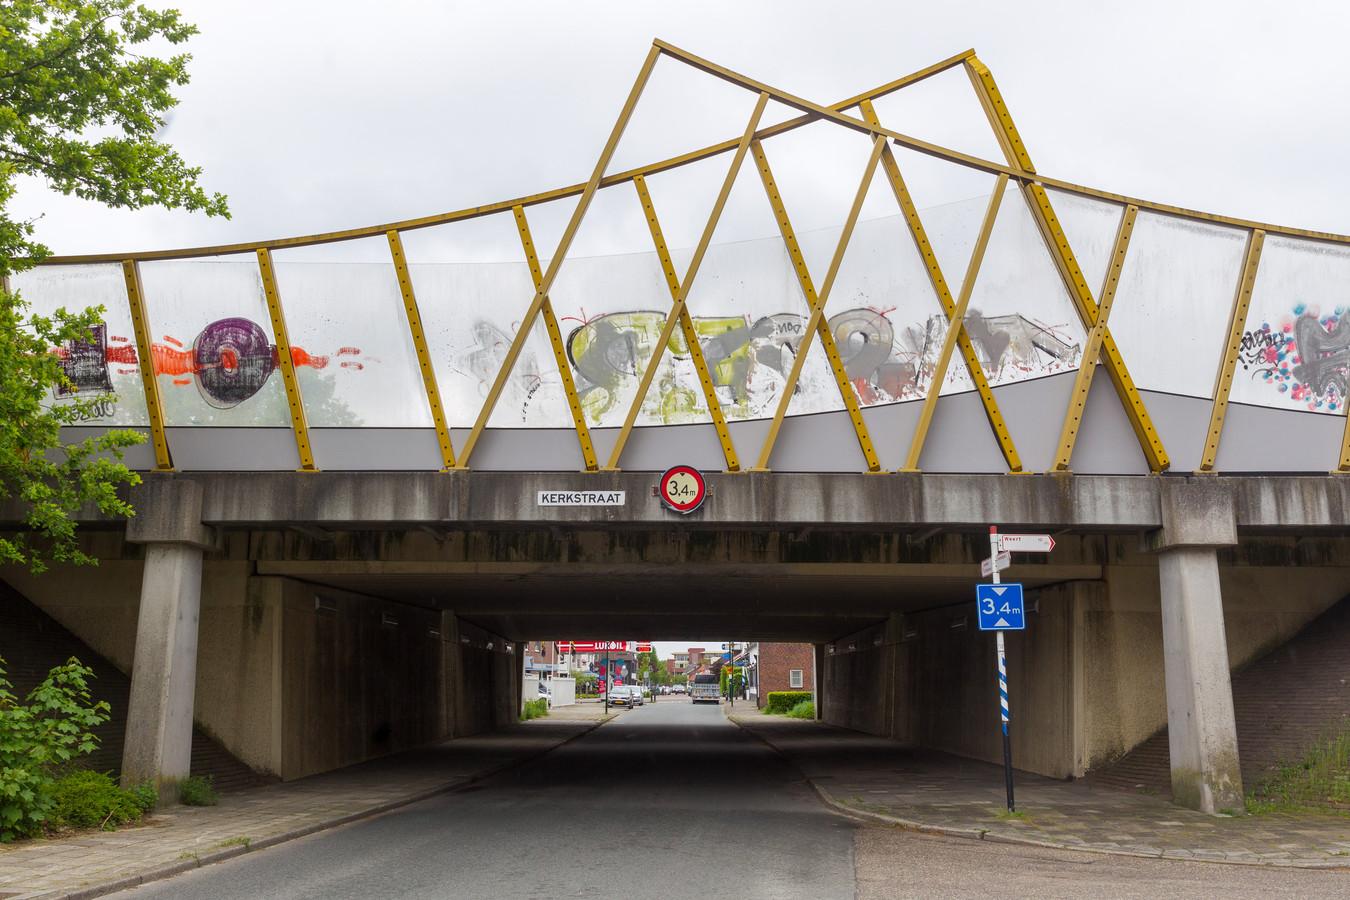 Het viaduct in Maarheeze krijgt een kunstzinnige make-over. Zowel het tunnelgedeelte als de glazen geluidswand wordt aantrekkelijk gemaakt.